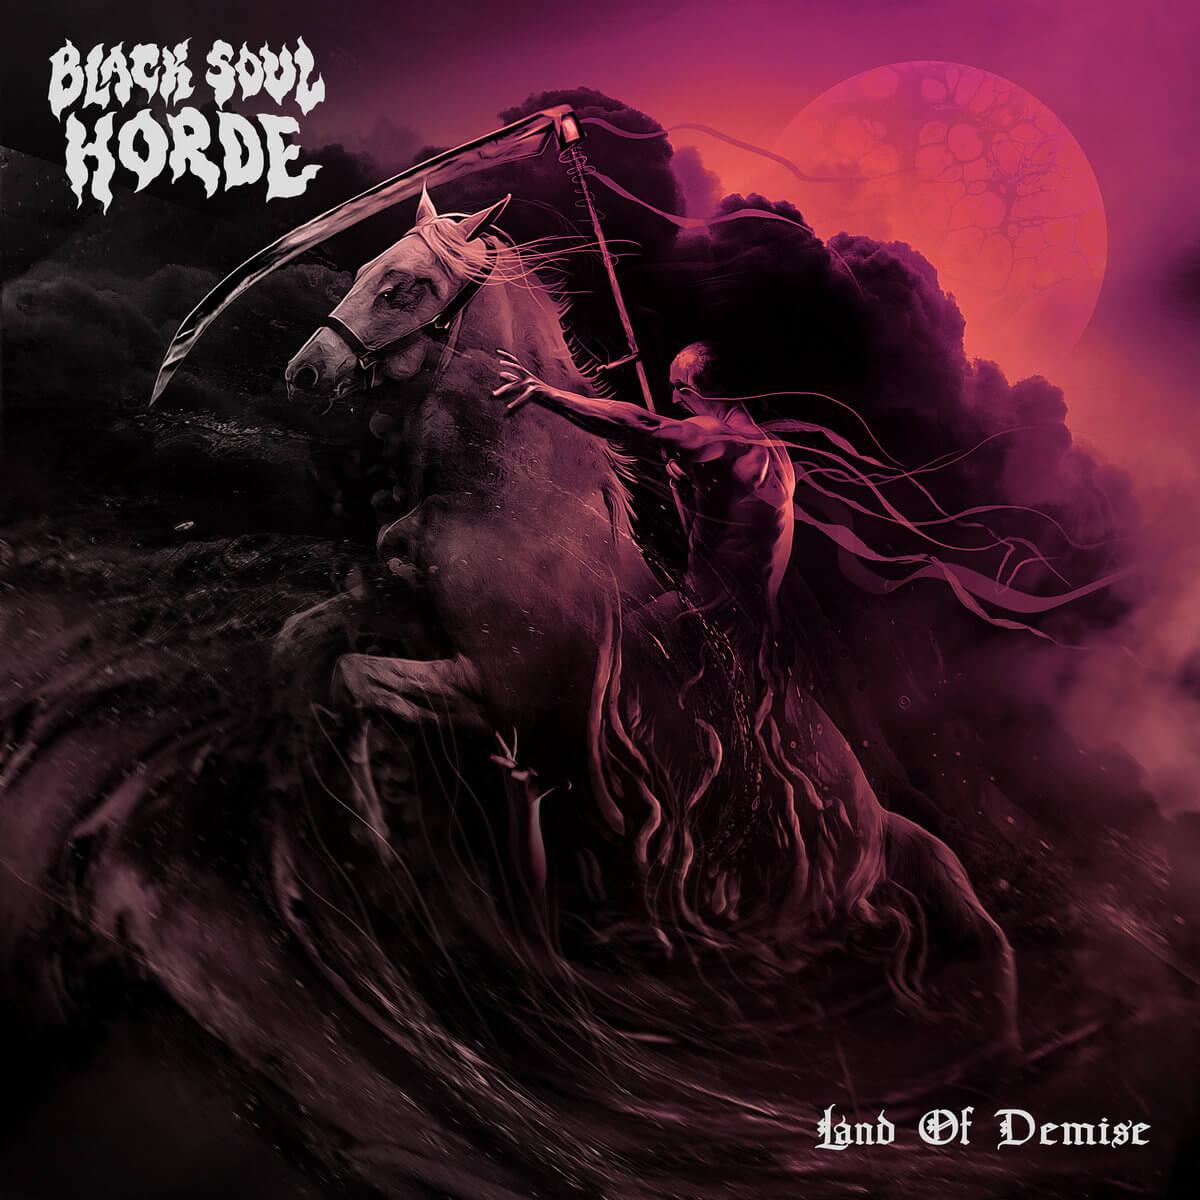 Black Soul Horde - Land of Demise